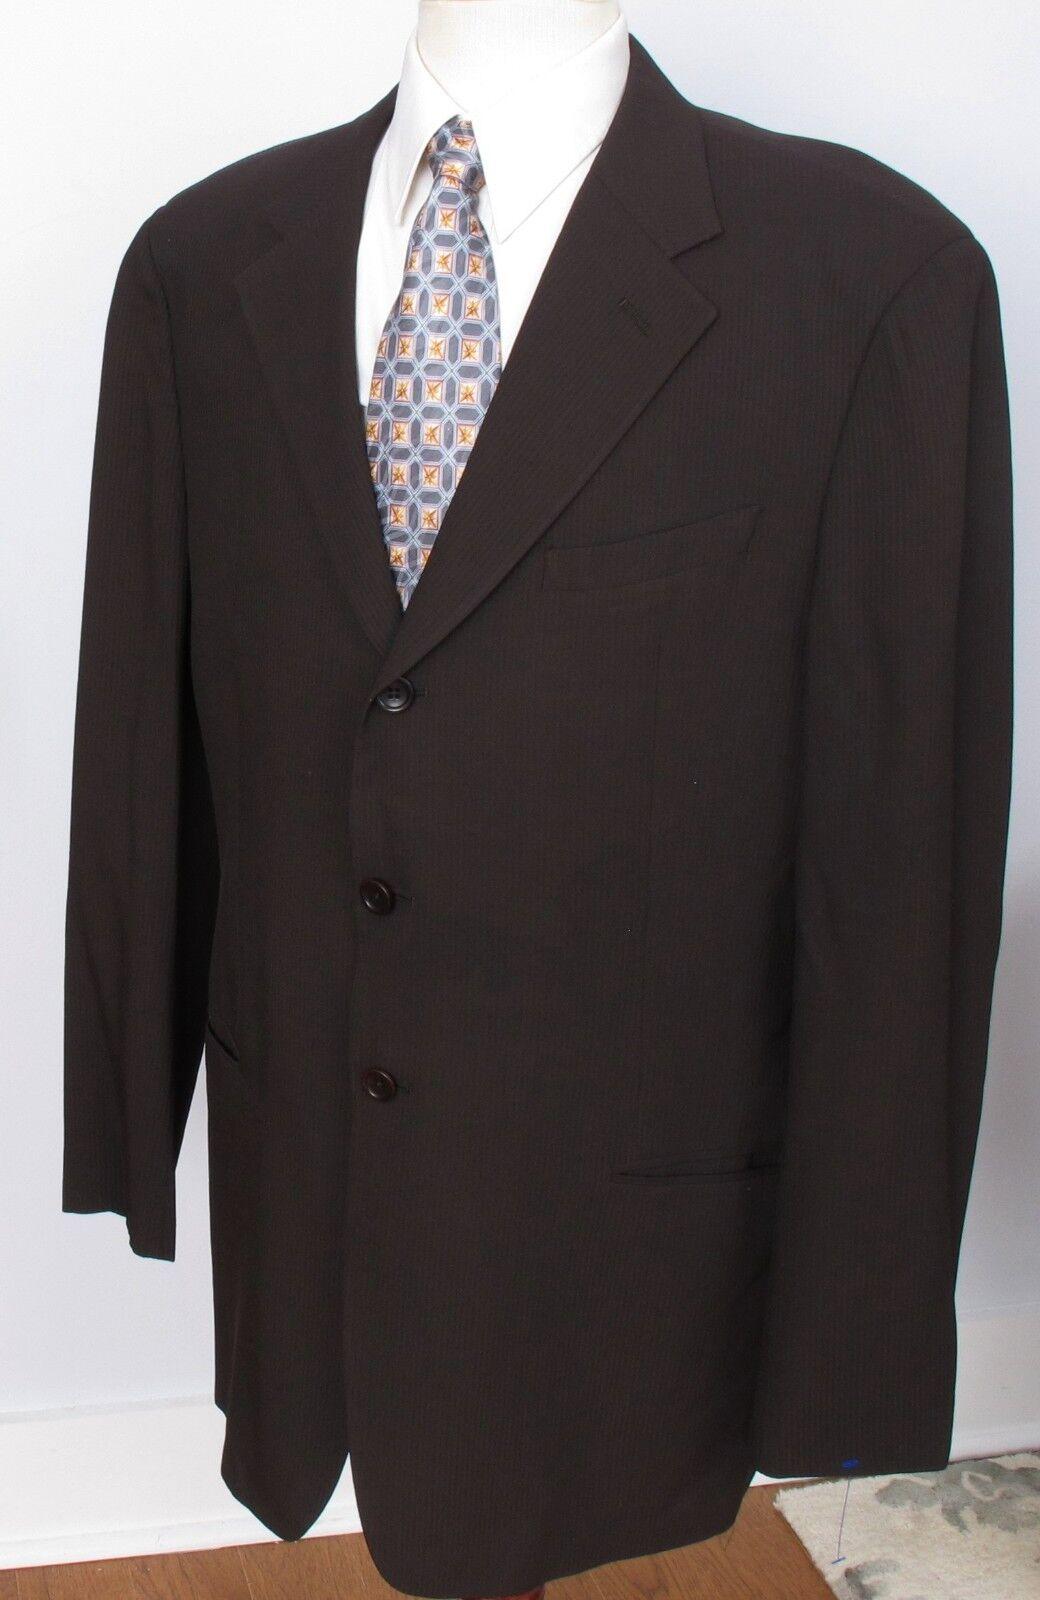 Giorgio Armani Collezioni Sport Coat 3 Button Wool Blend 44L PERFECT